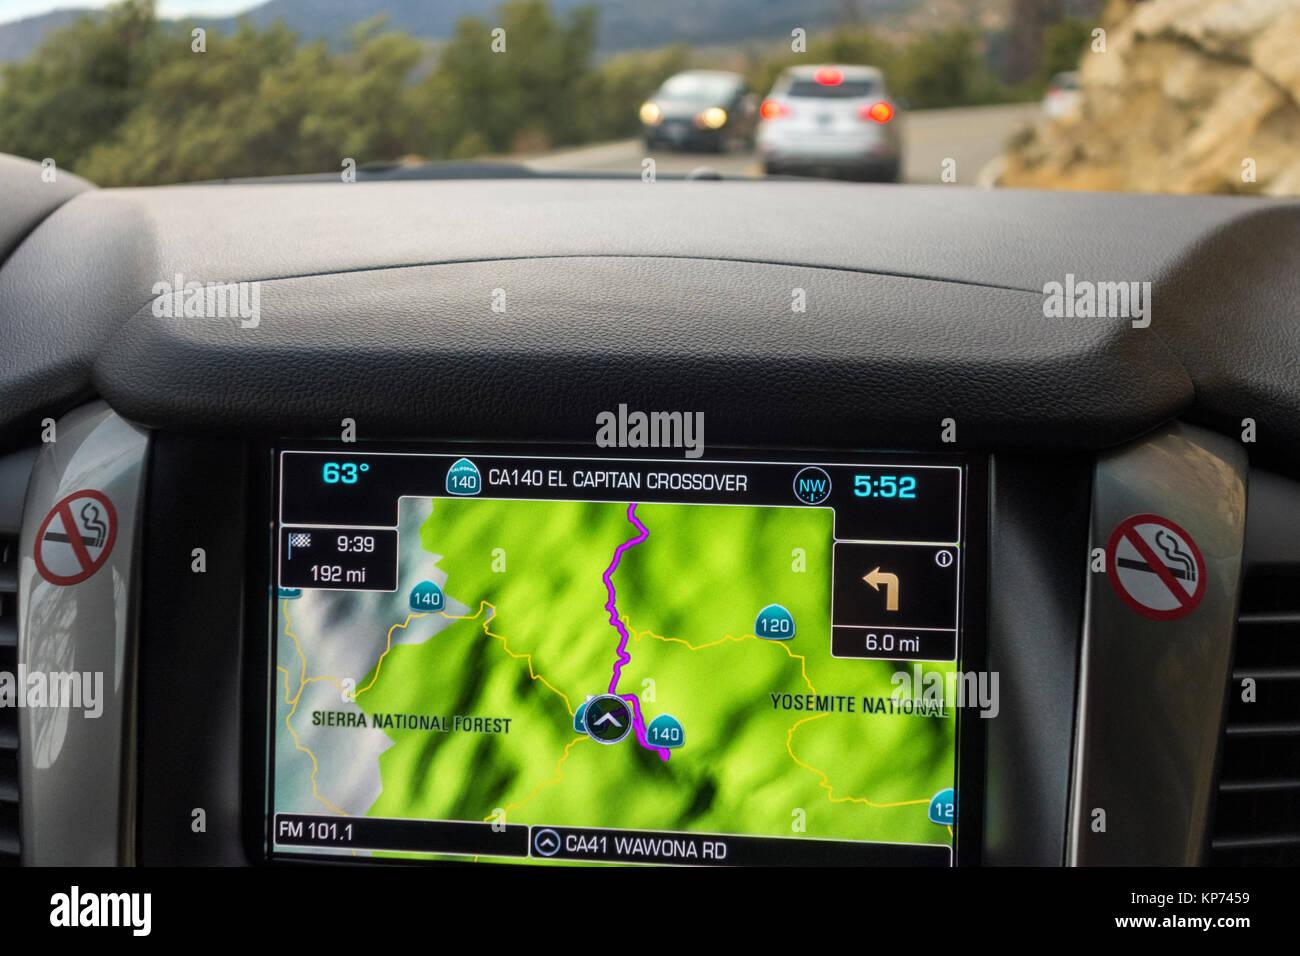 Sat Nav, satnav, GPS di navigazione per auto integrata nel cruscotto in American SUV Chevy Tahoe 2018. Guidando attraverso il Parco Nazionale di Yosemite. Foto Stock